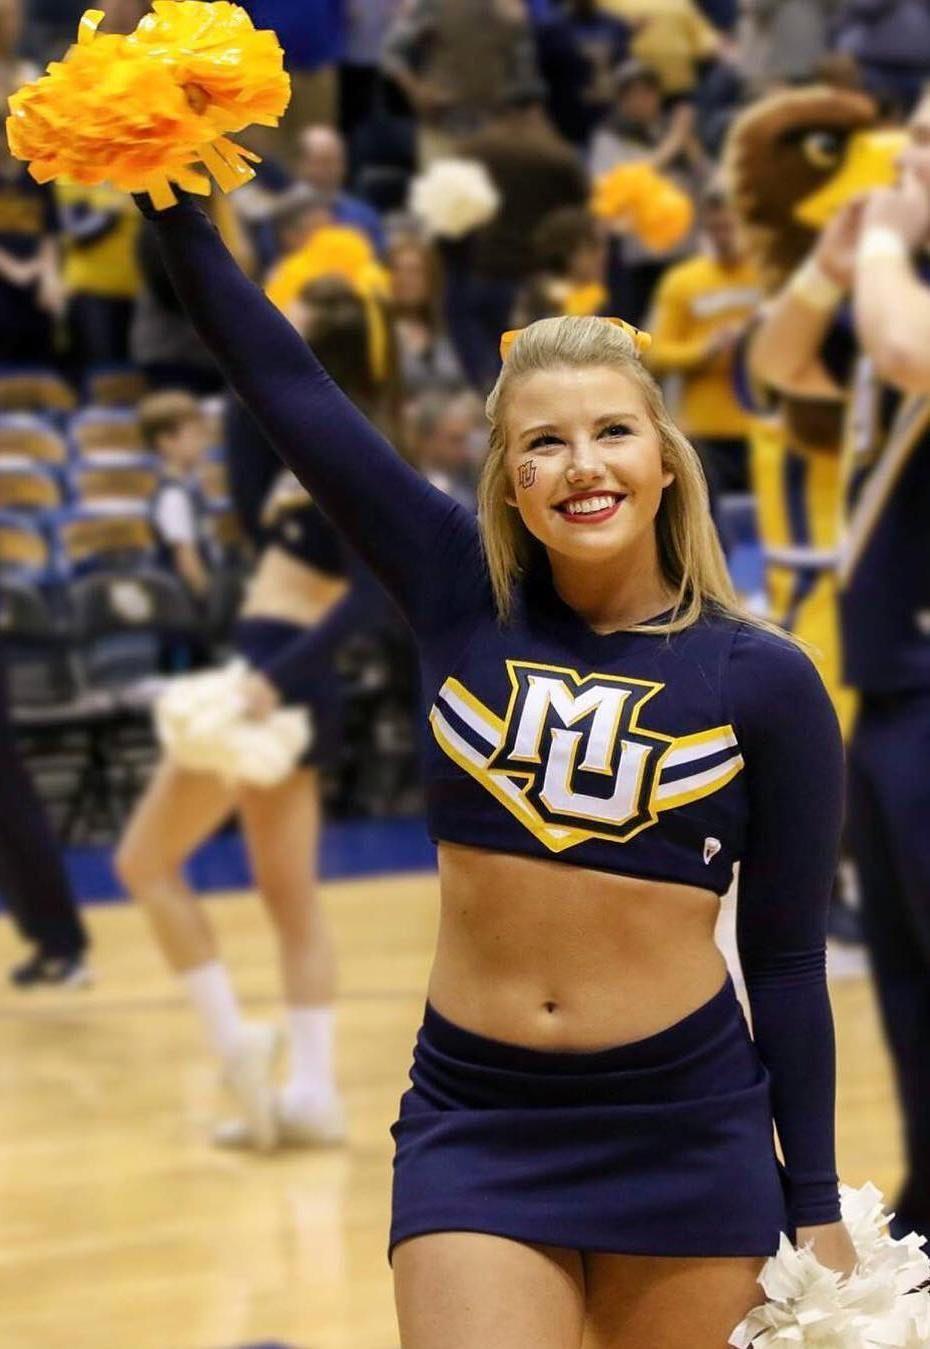 See More Marquette Cheerleaders Here Cheerleading Cheerleader Girl Cheerleading Dance